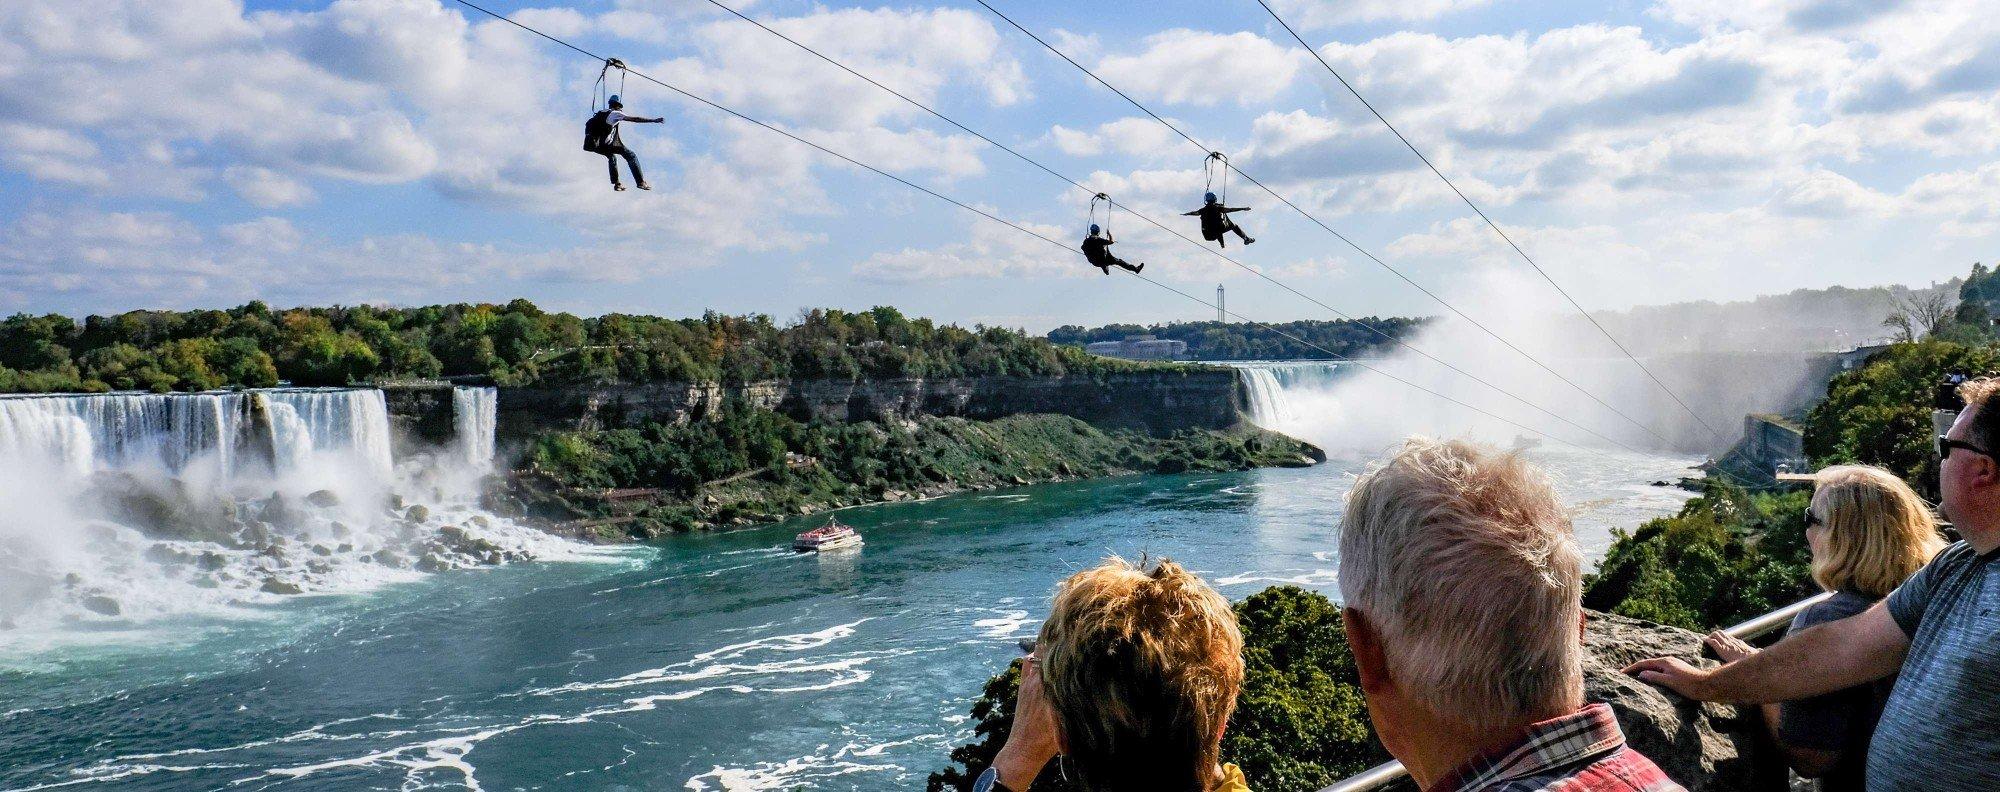 The Good Bad And Ugly Sides To Visiting Niagara Falls